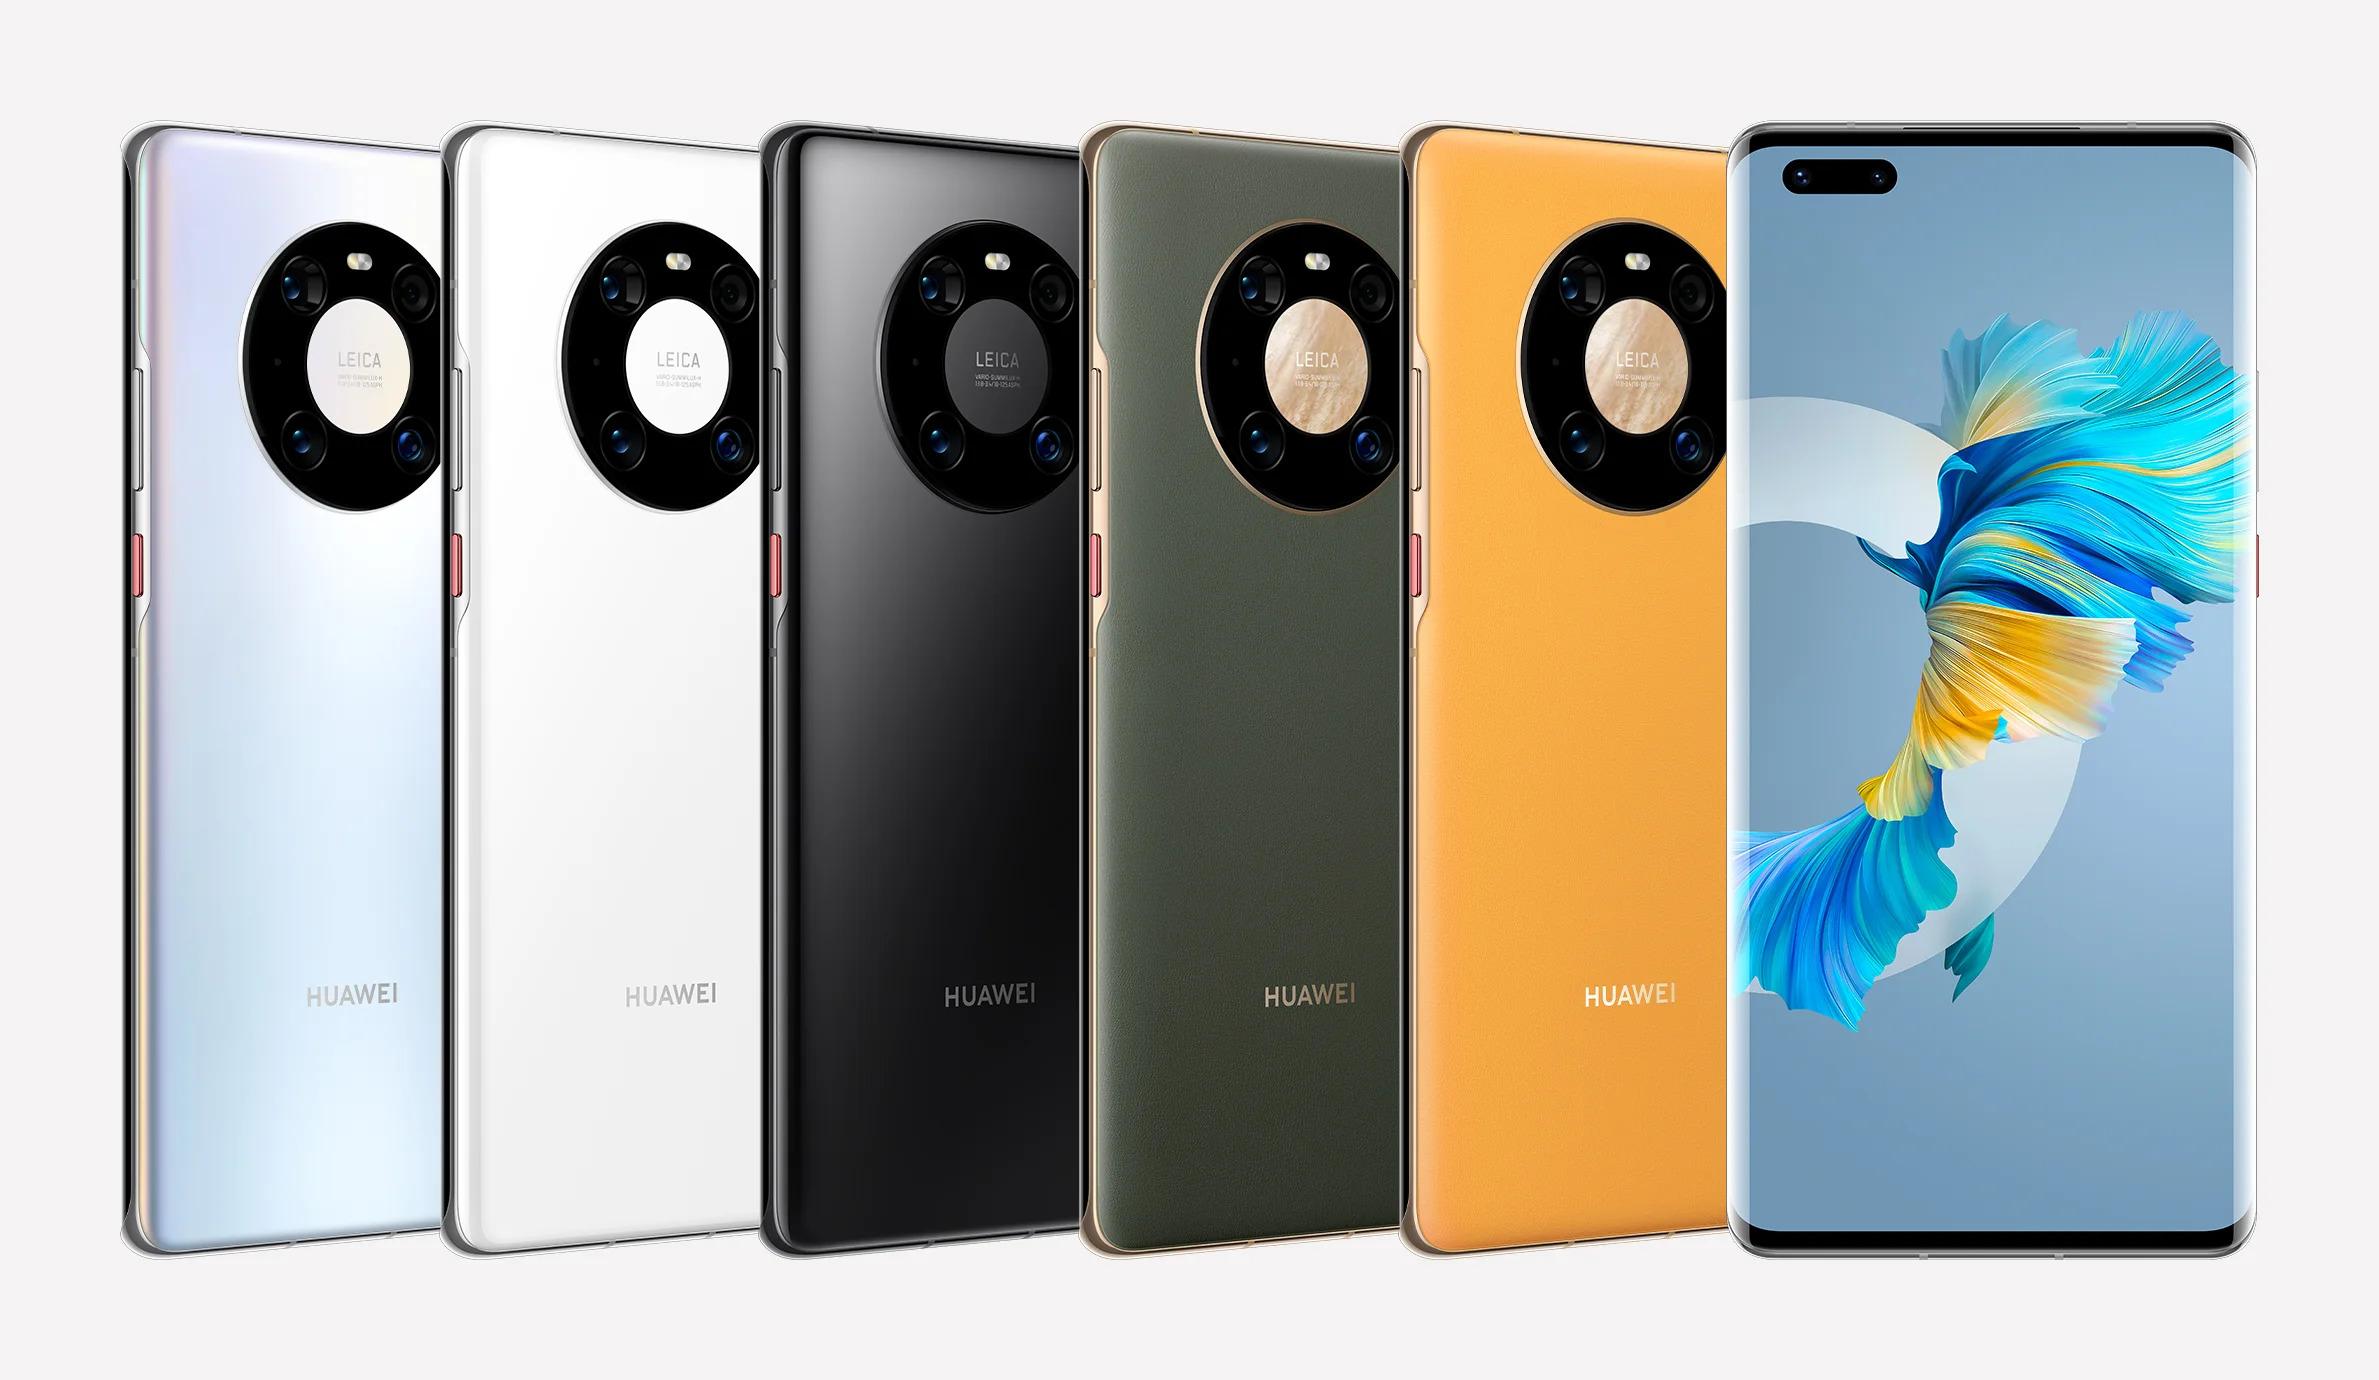 Huawei pracuje na Mate 40E, upravené verzi Mate 40